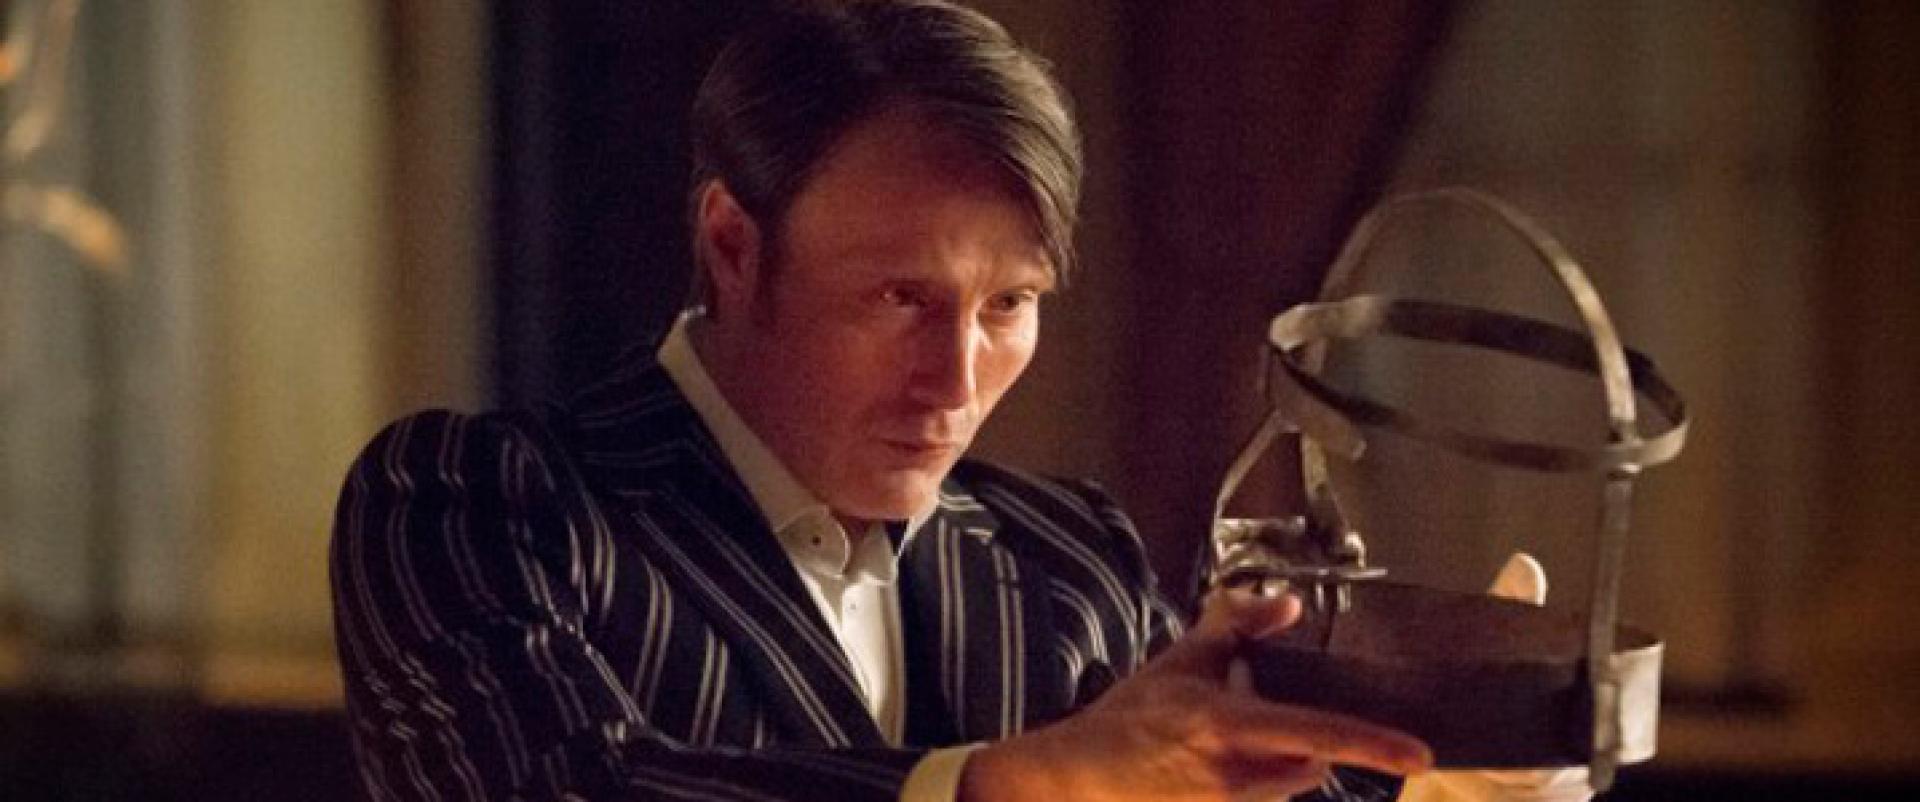 Hannibal: 4. évad helyett egész estés film?